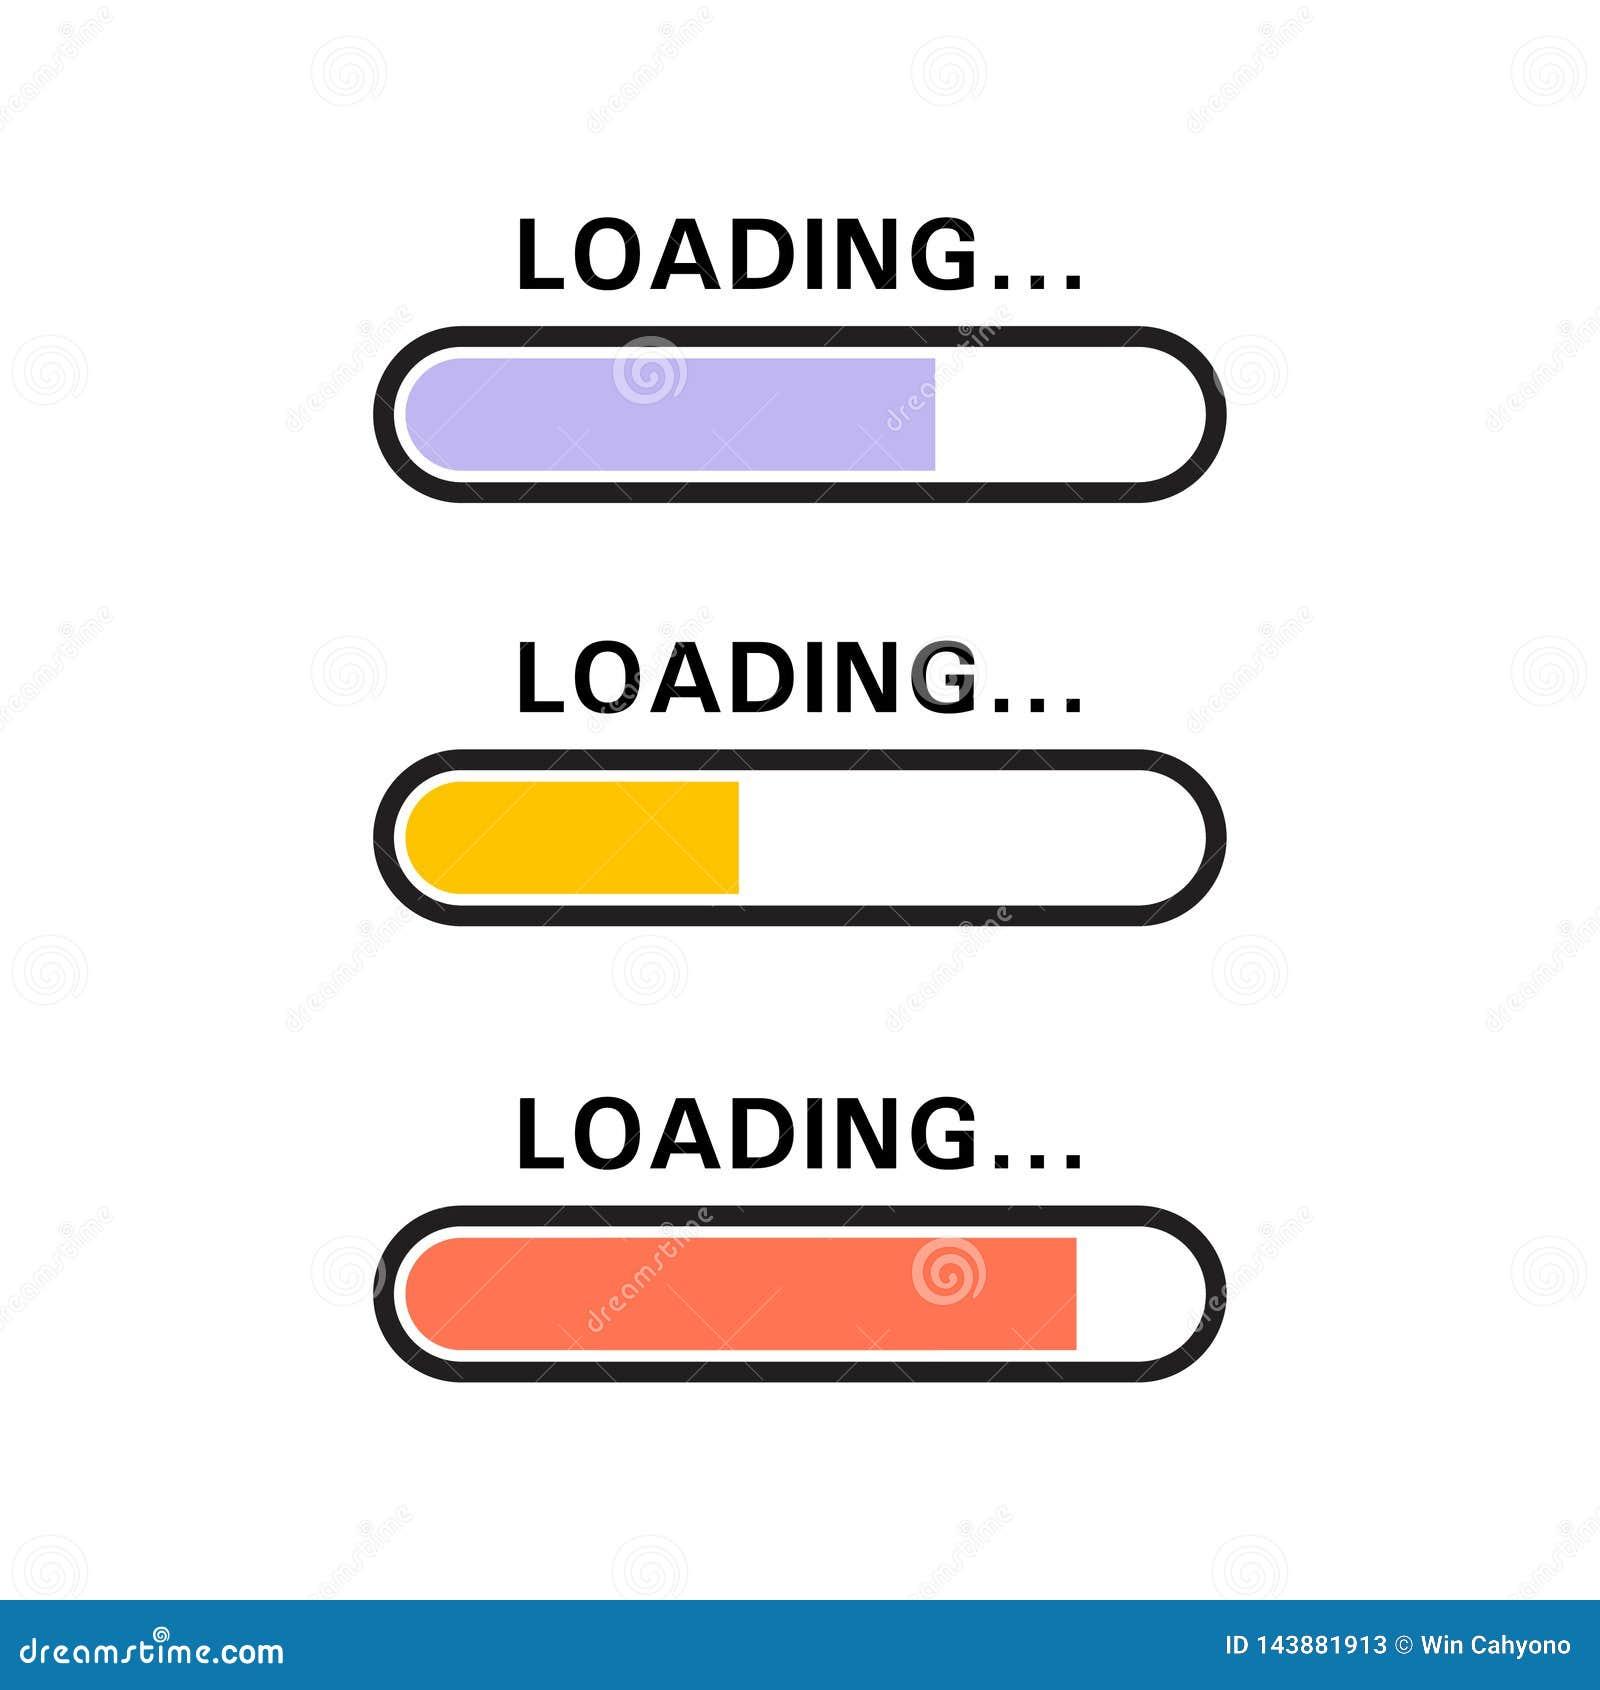 Icono cargado en color azul, amarillo, rojo